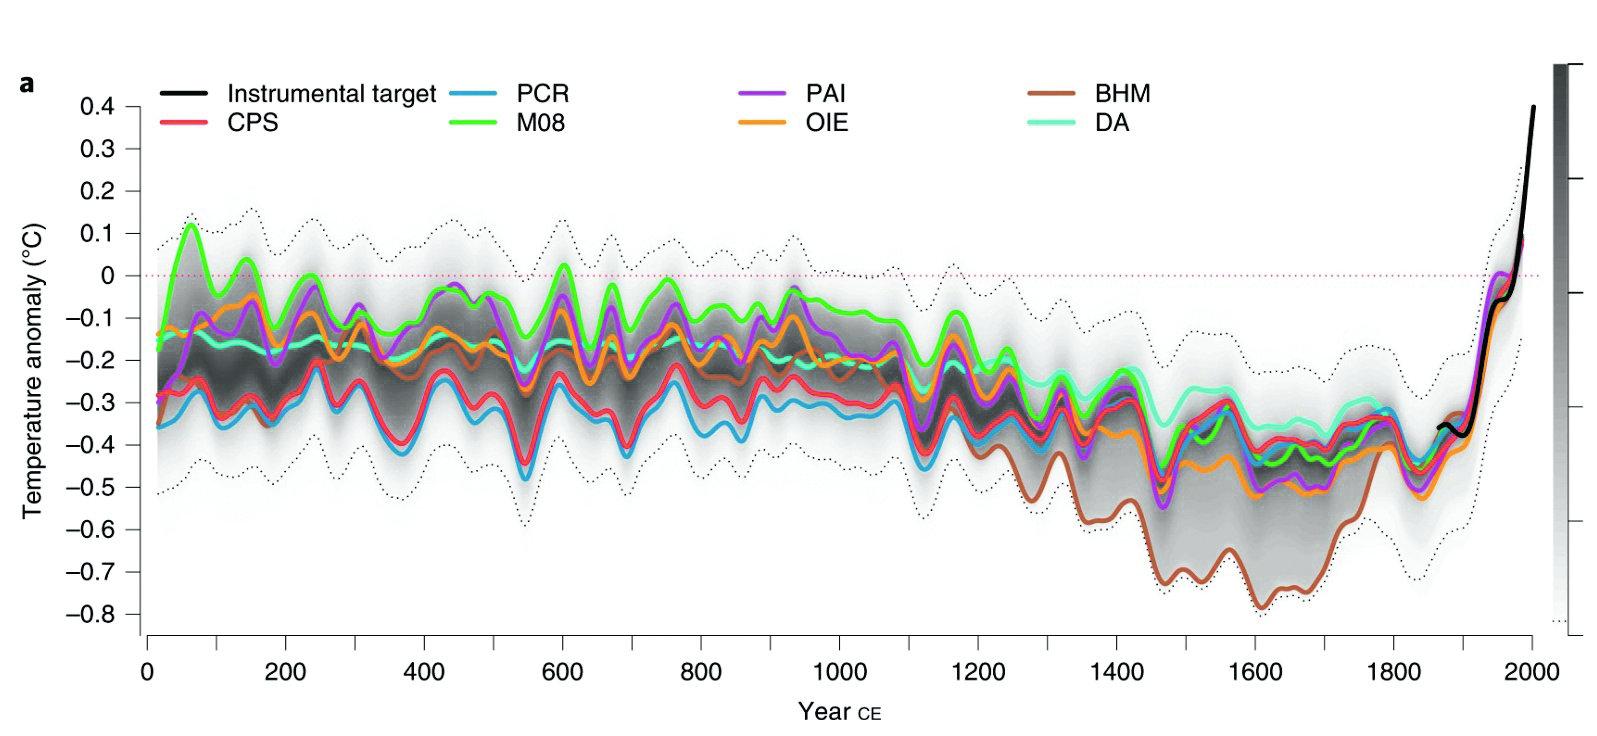 Рис. 1. Современная версия «клюшки Манна» — реконструированная/измеренная глобальная температура за 2000 лет. Разные цветные кривые — разные методы реконструкции температуры. Черная кривая — инструментальные измерения. Пунктирные кривые — 95% доверительный интервал. Все кривые сглажены. За ноль взято среднее значение температуры в интервале 1961–1990 годы. Из статьи Nature Geoscience volume 12, pages 643–649 (2019) (nature.com/ngeo)